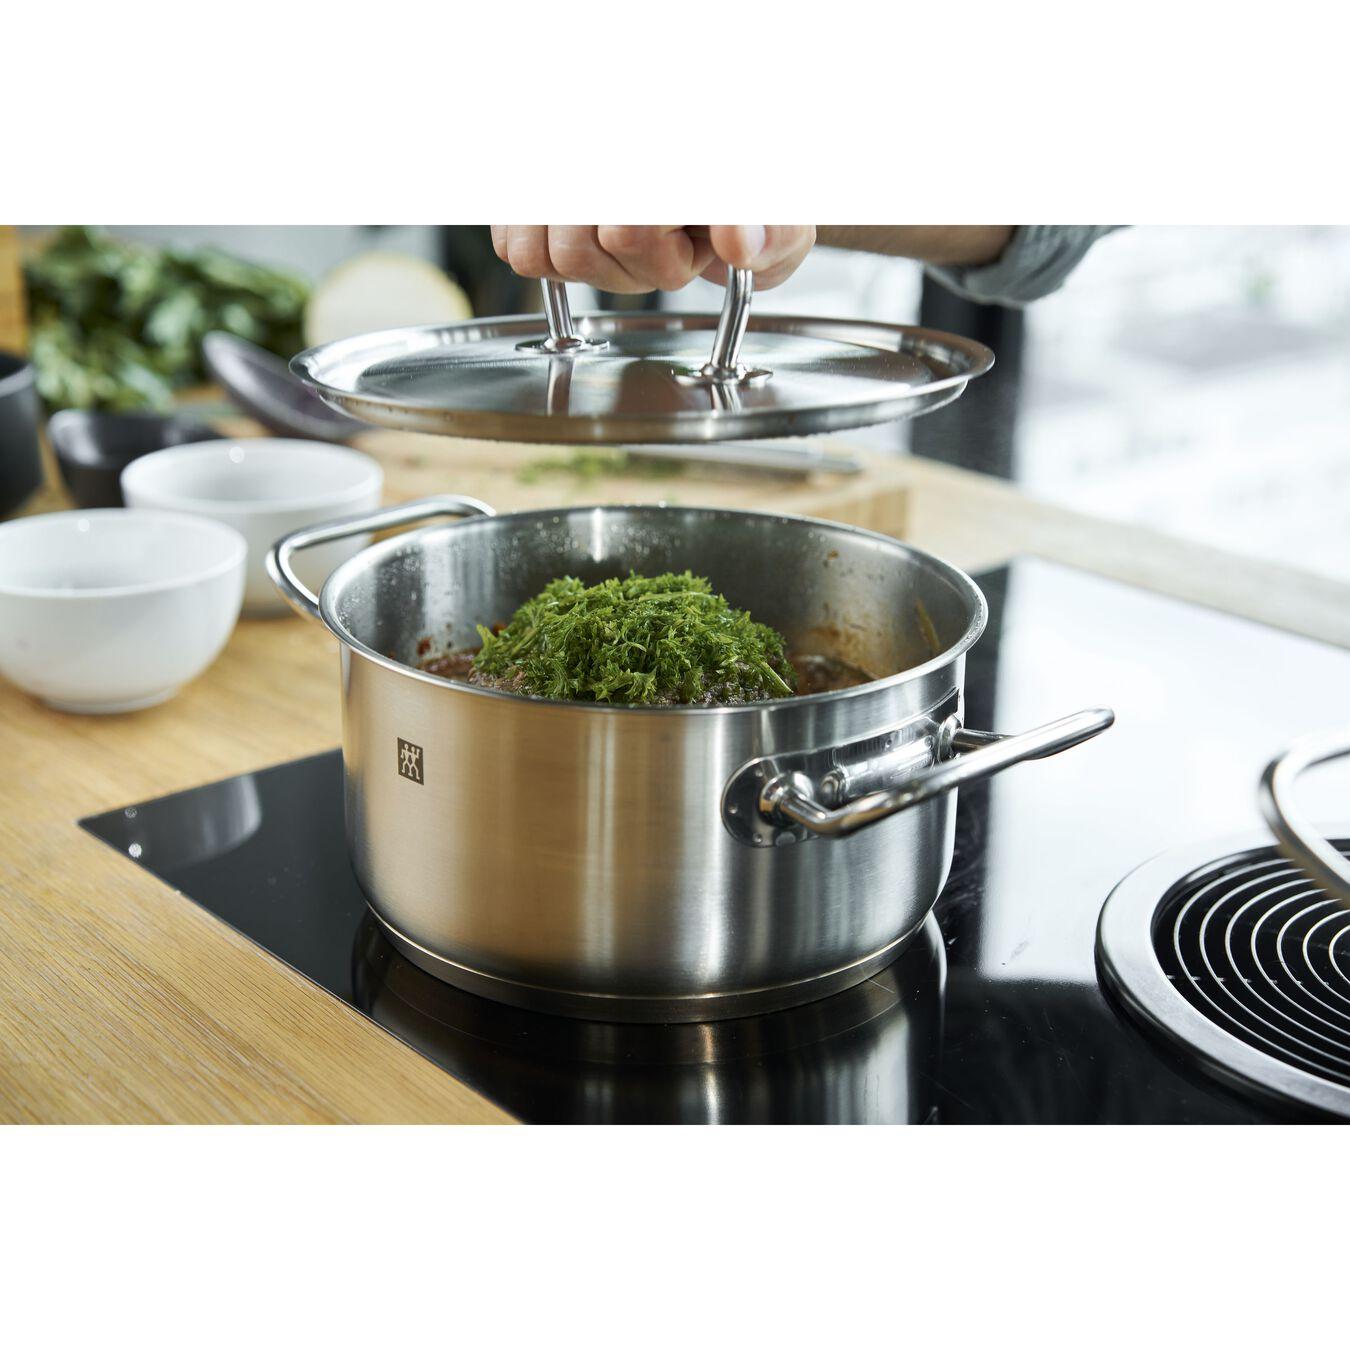 Ensemble de casseroles 5-pcs,,large 3